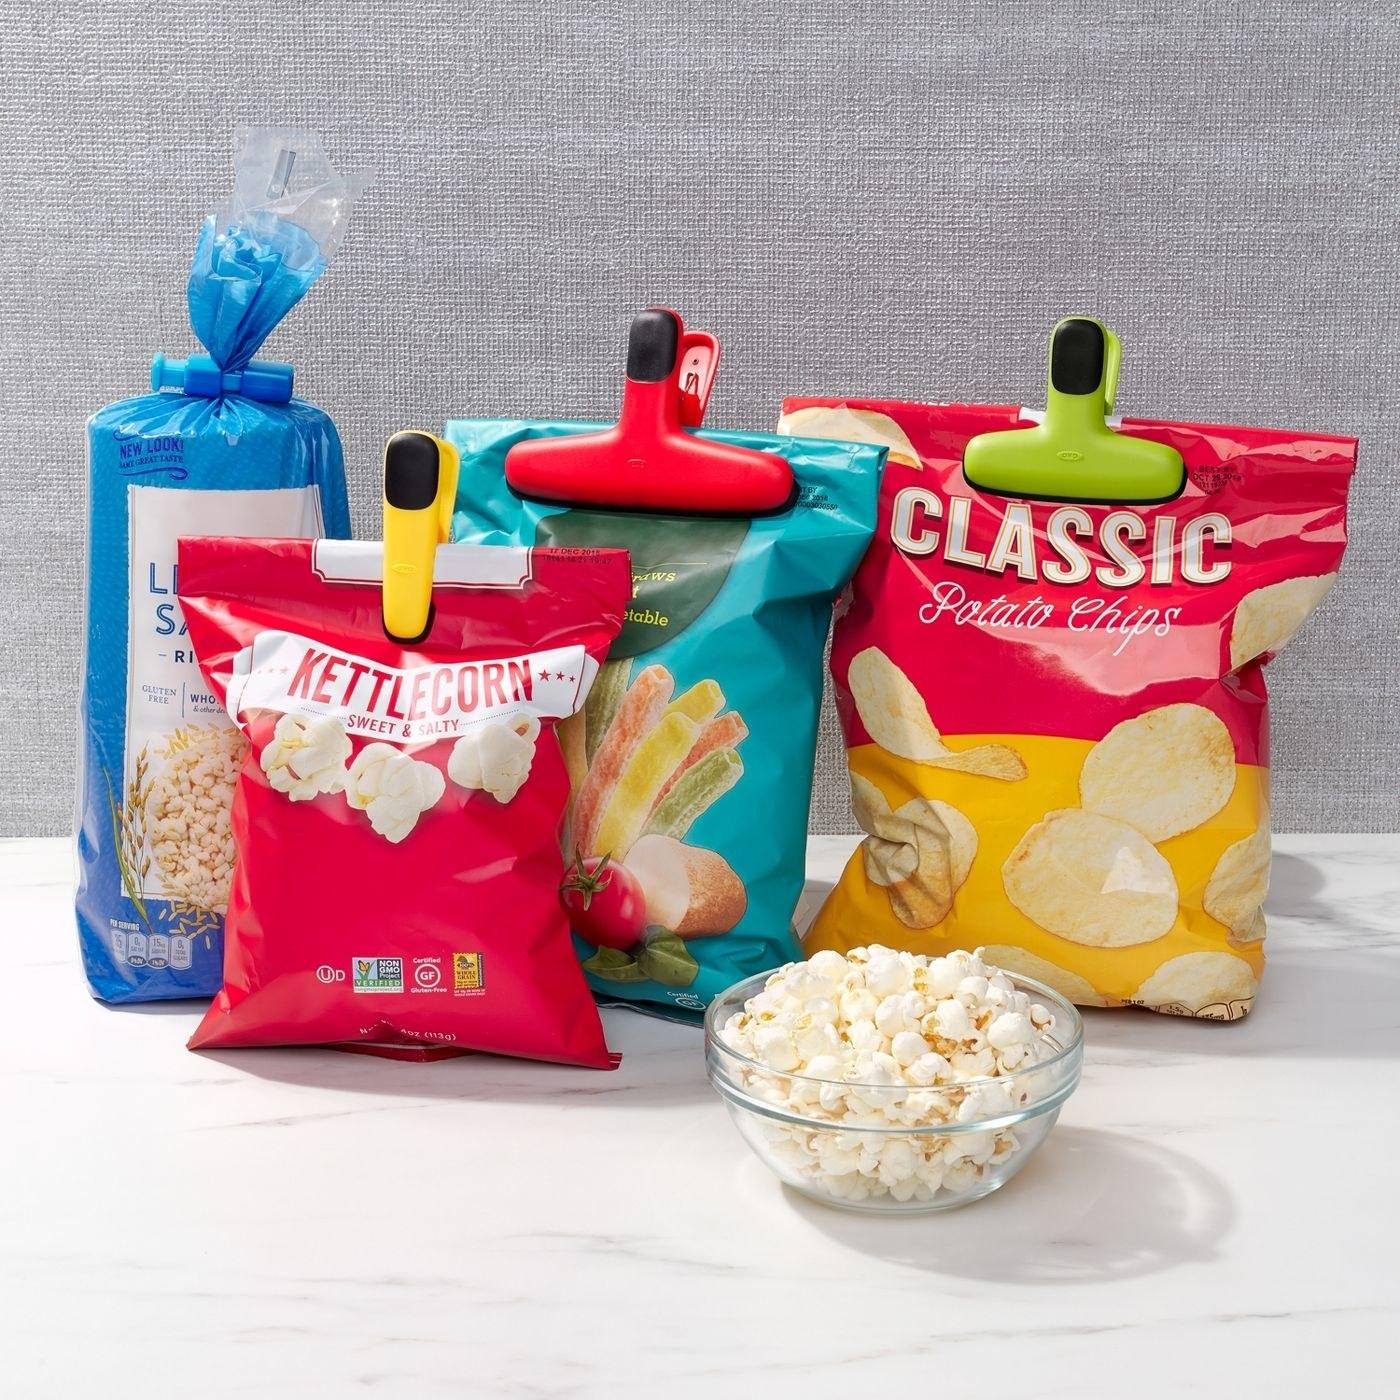 The bag clip set